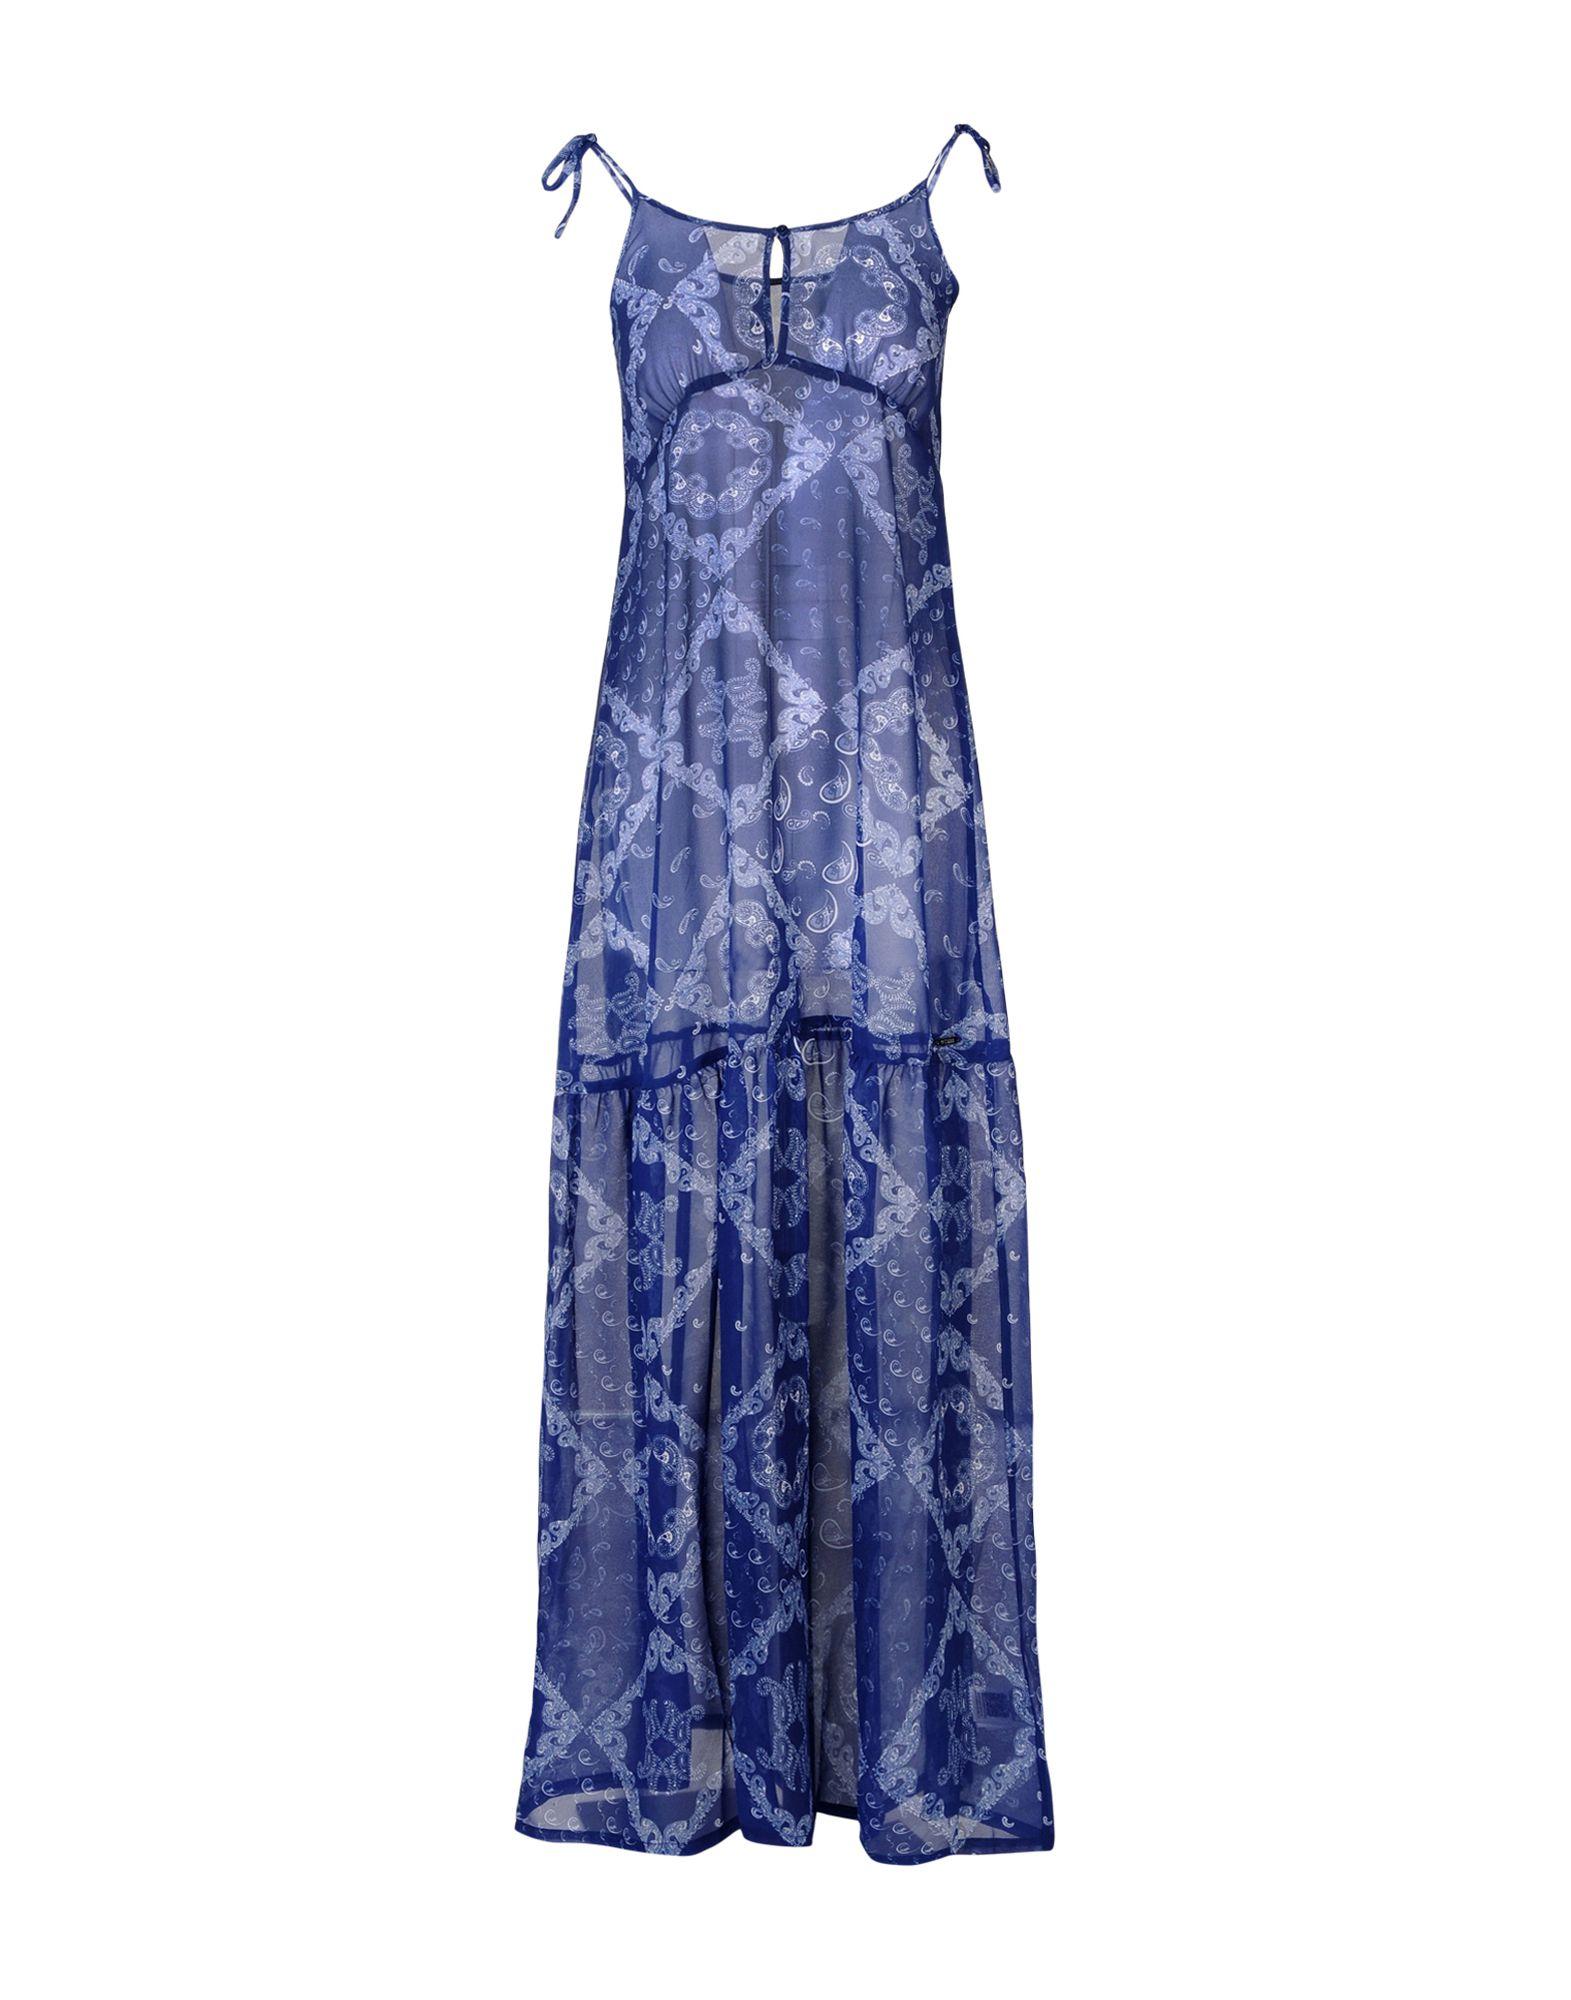 GUESS Платье длиной 3/4 tenax платье длиной 3 4